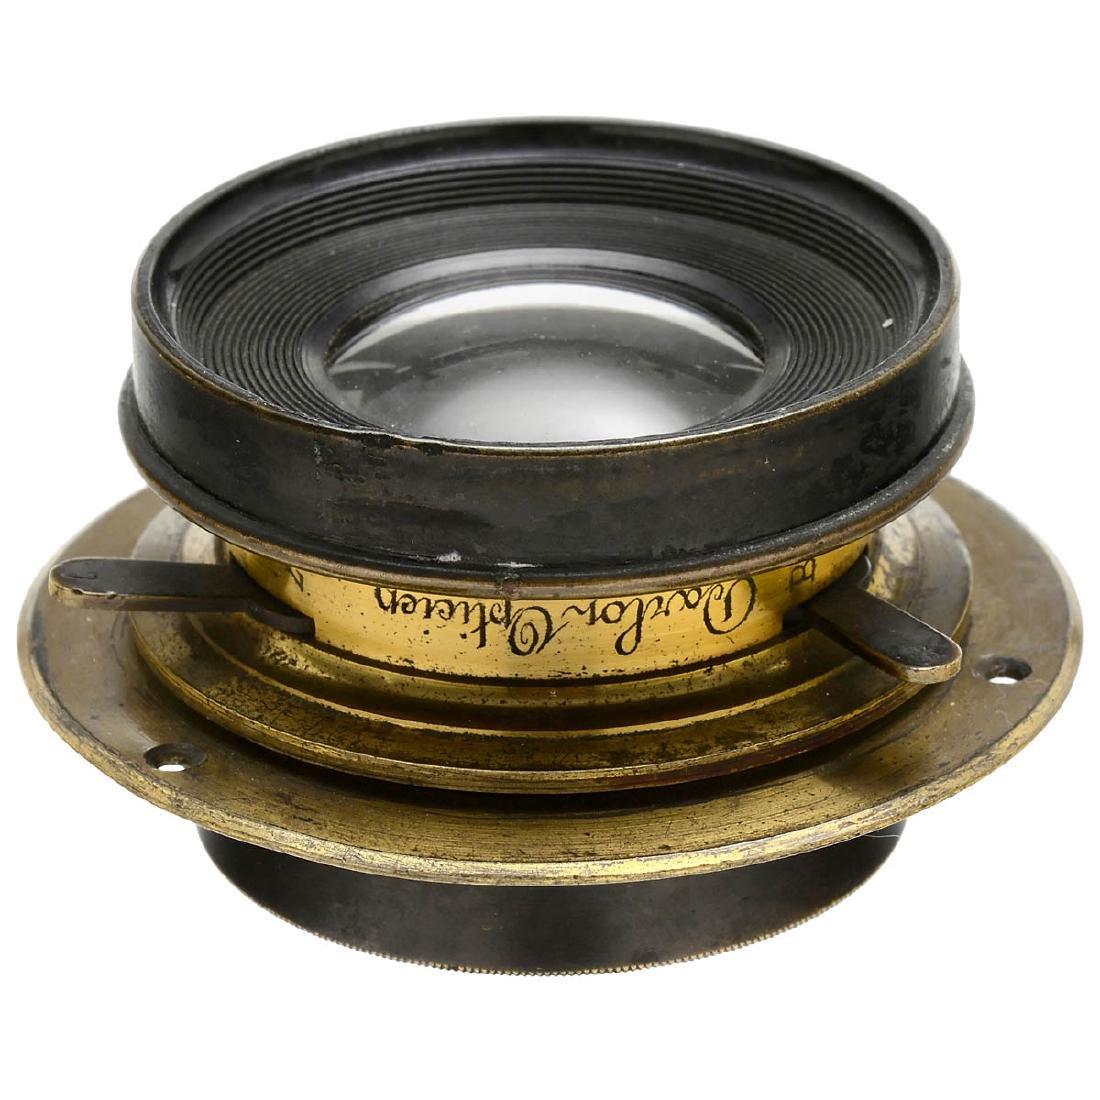 2 Brass Lenses by Darlot - 2